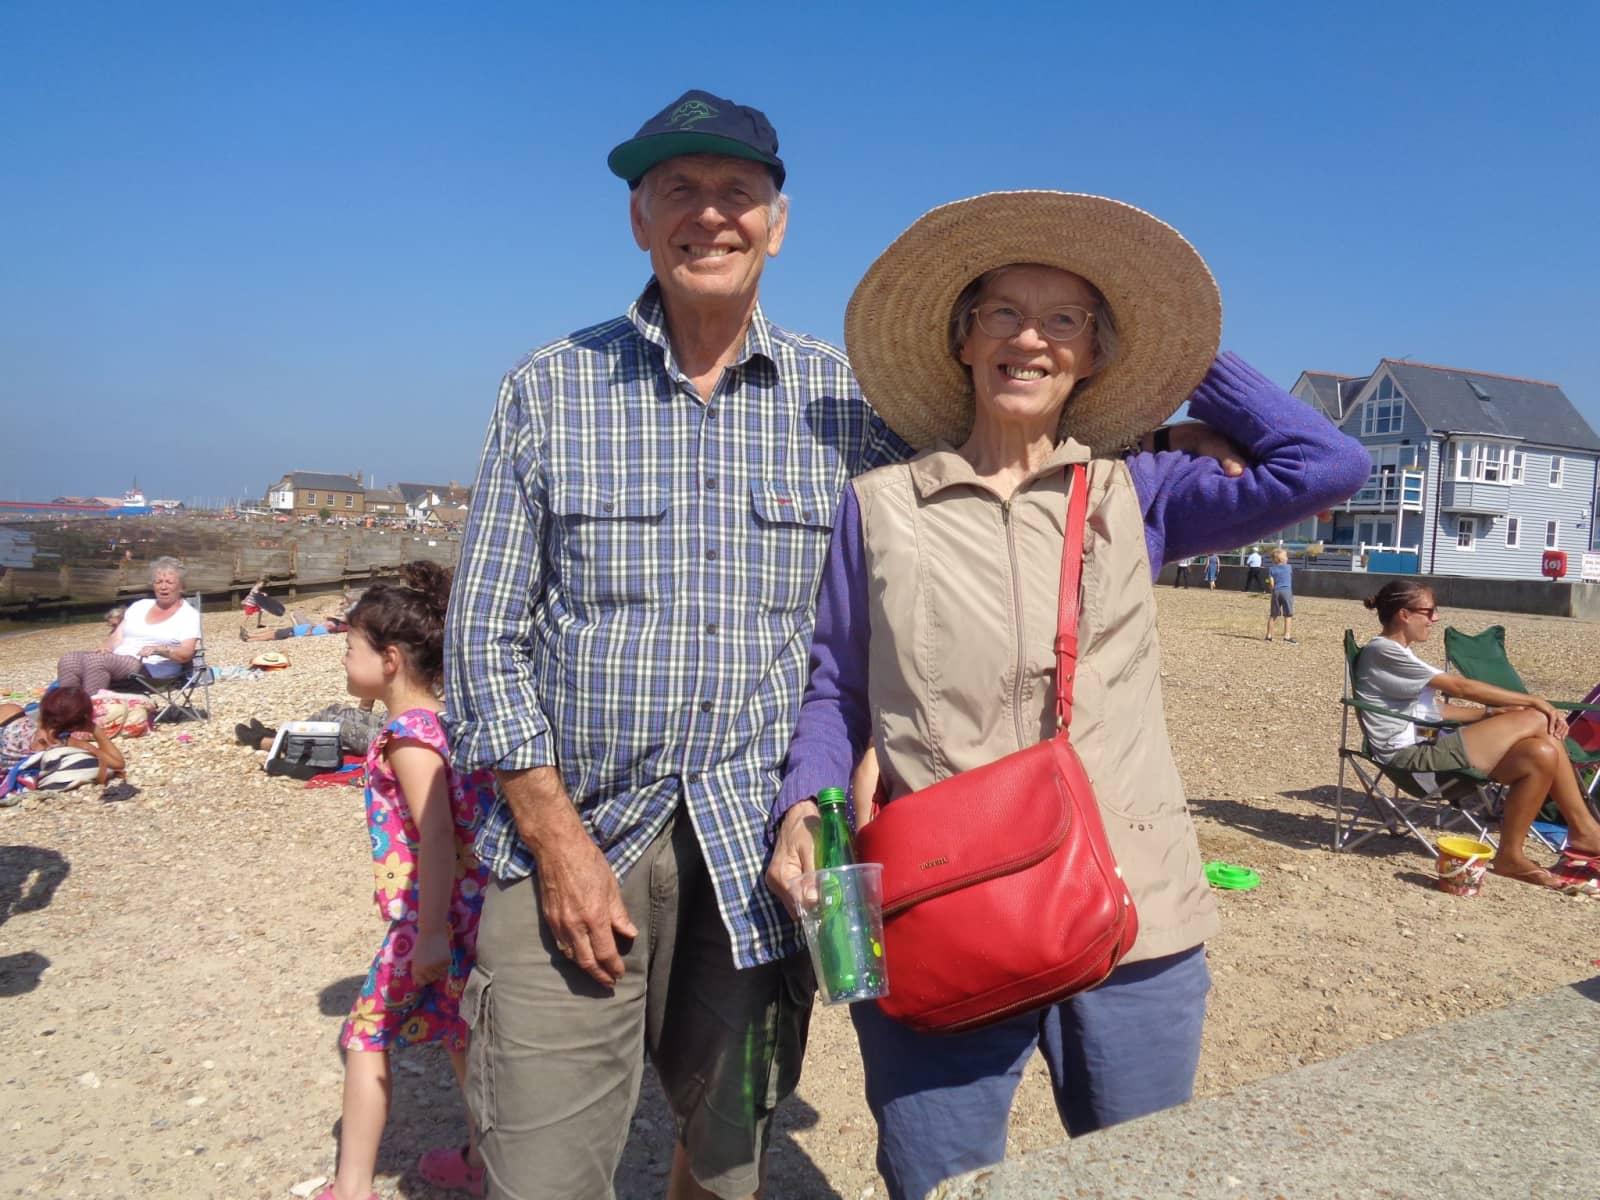 Roberta & Geert from Brisbane, Queensland, Australia